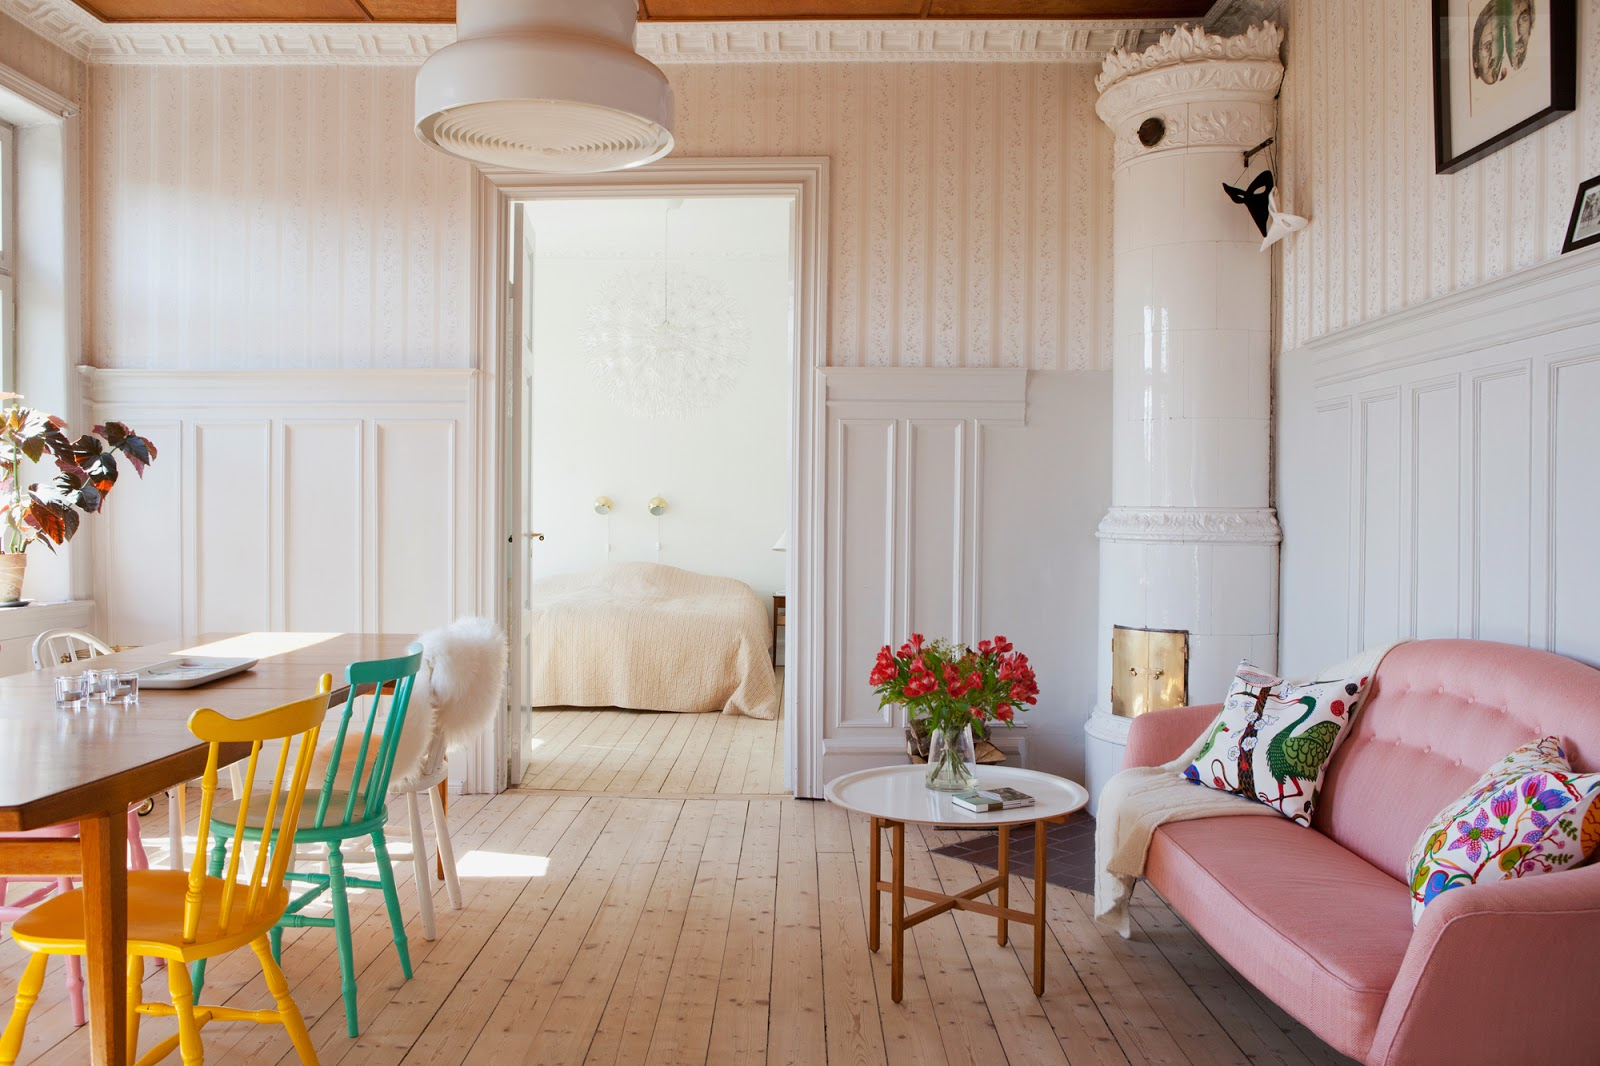 segura : 10 dicas de decoração para o apartamento de um idoso #B97012 1600 1066